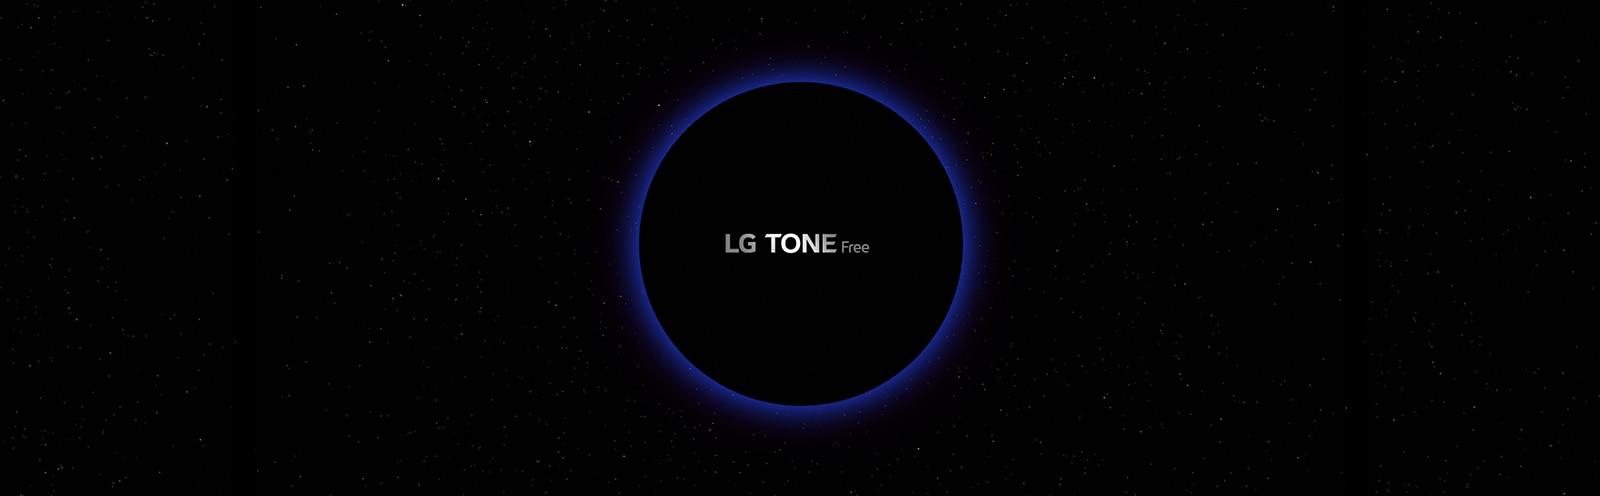 """Una imagen de un espacio de galaxias y un círculo iluminado de azul en el centro con letras """"LG TONE Free"""" dentro del círculo"""